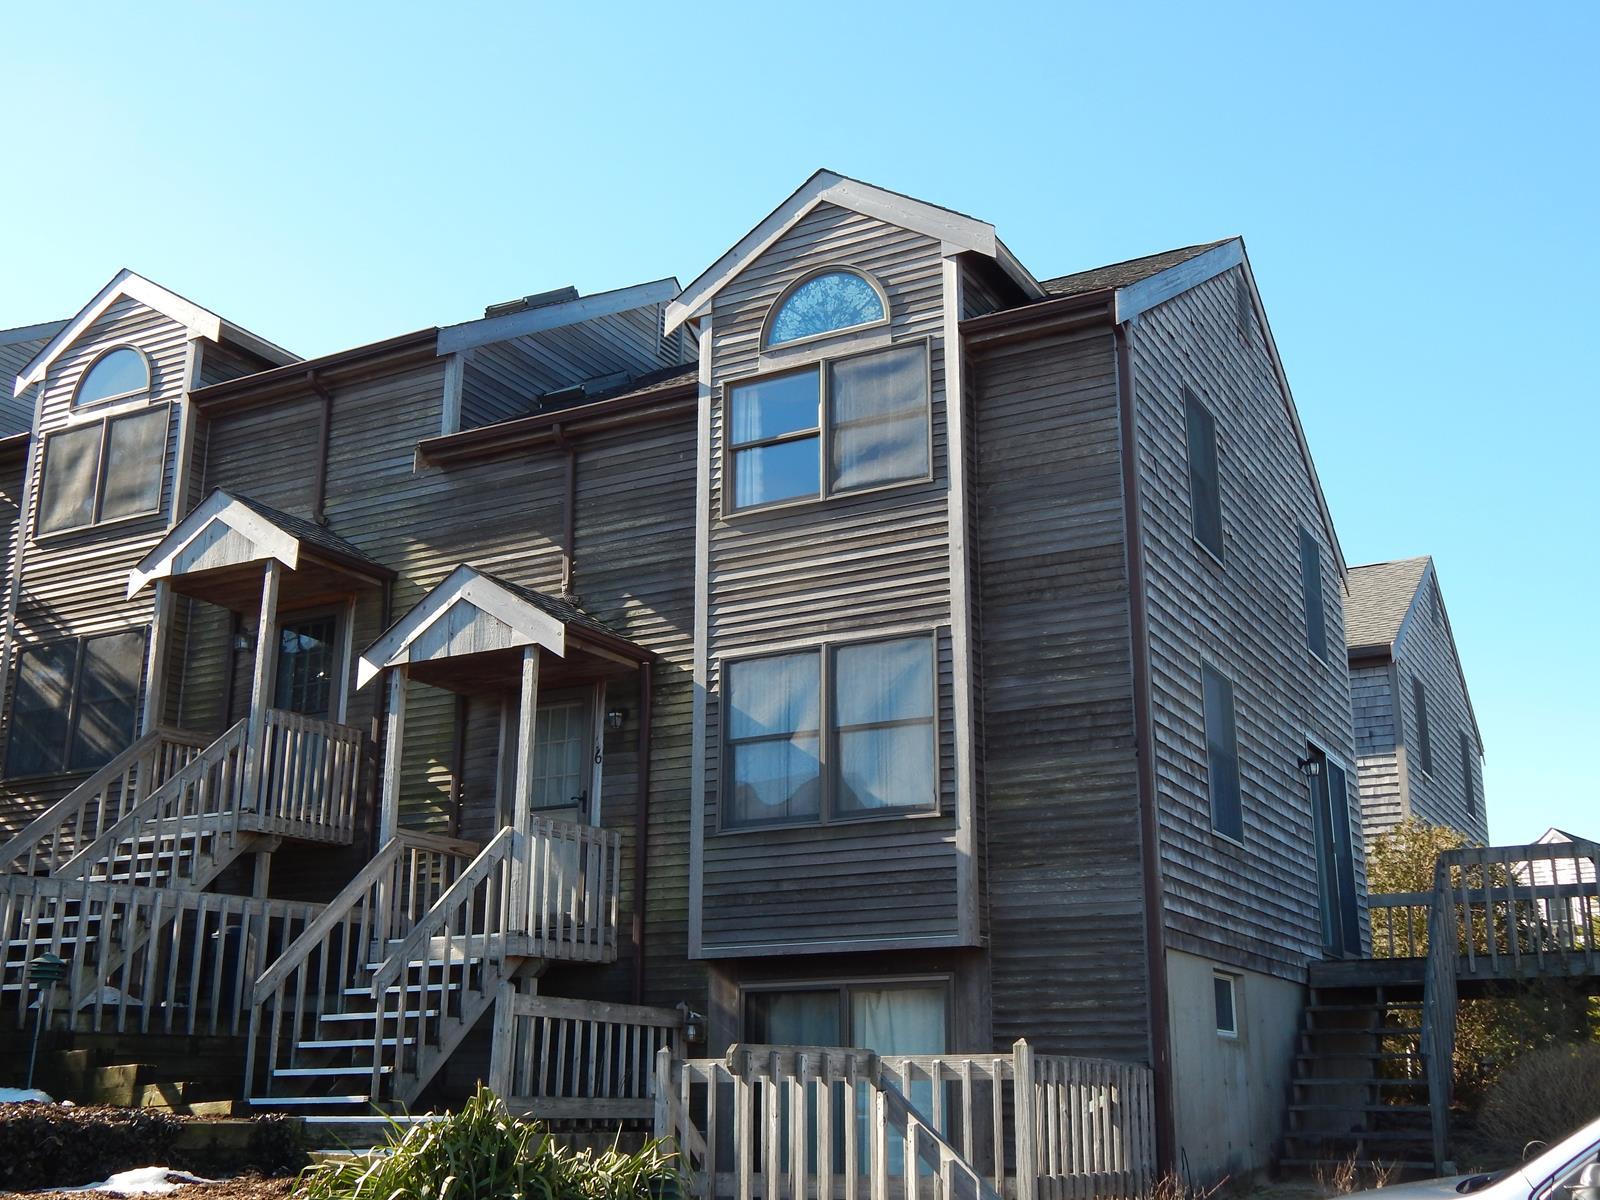 Copropriété pour l Vente à End Unit at Briarcliff 8 Old Colony Way, Unit 16 Provincetown, Massachusetts 02657 États-Unis